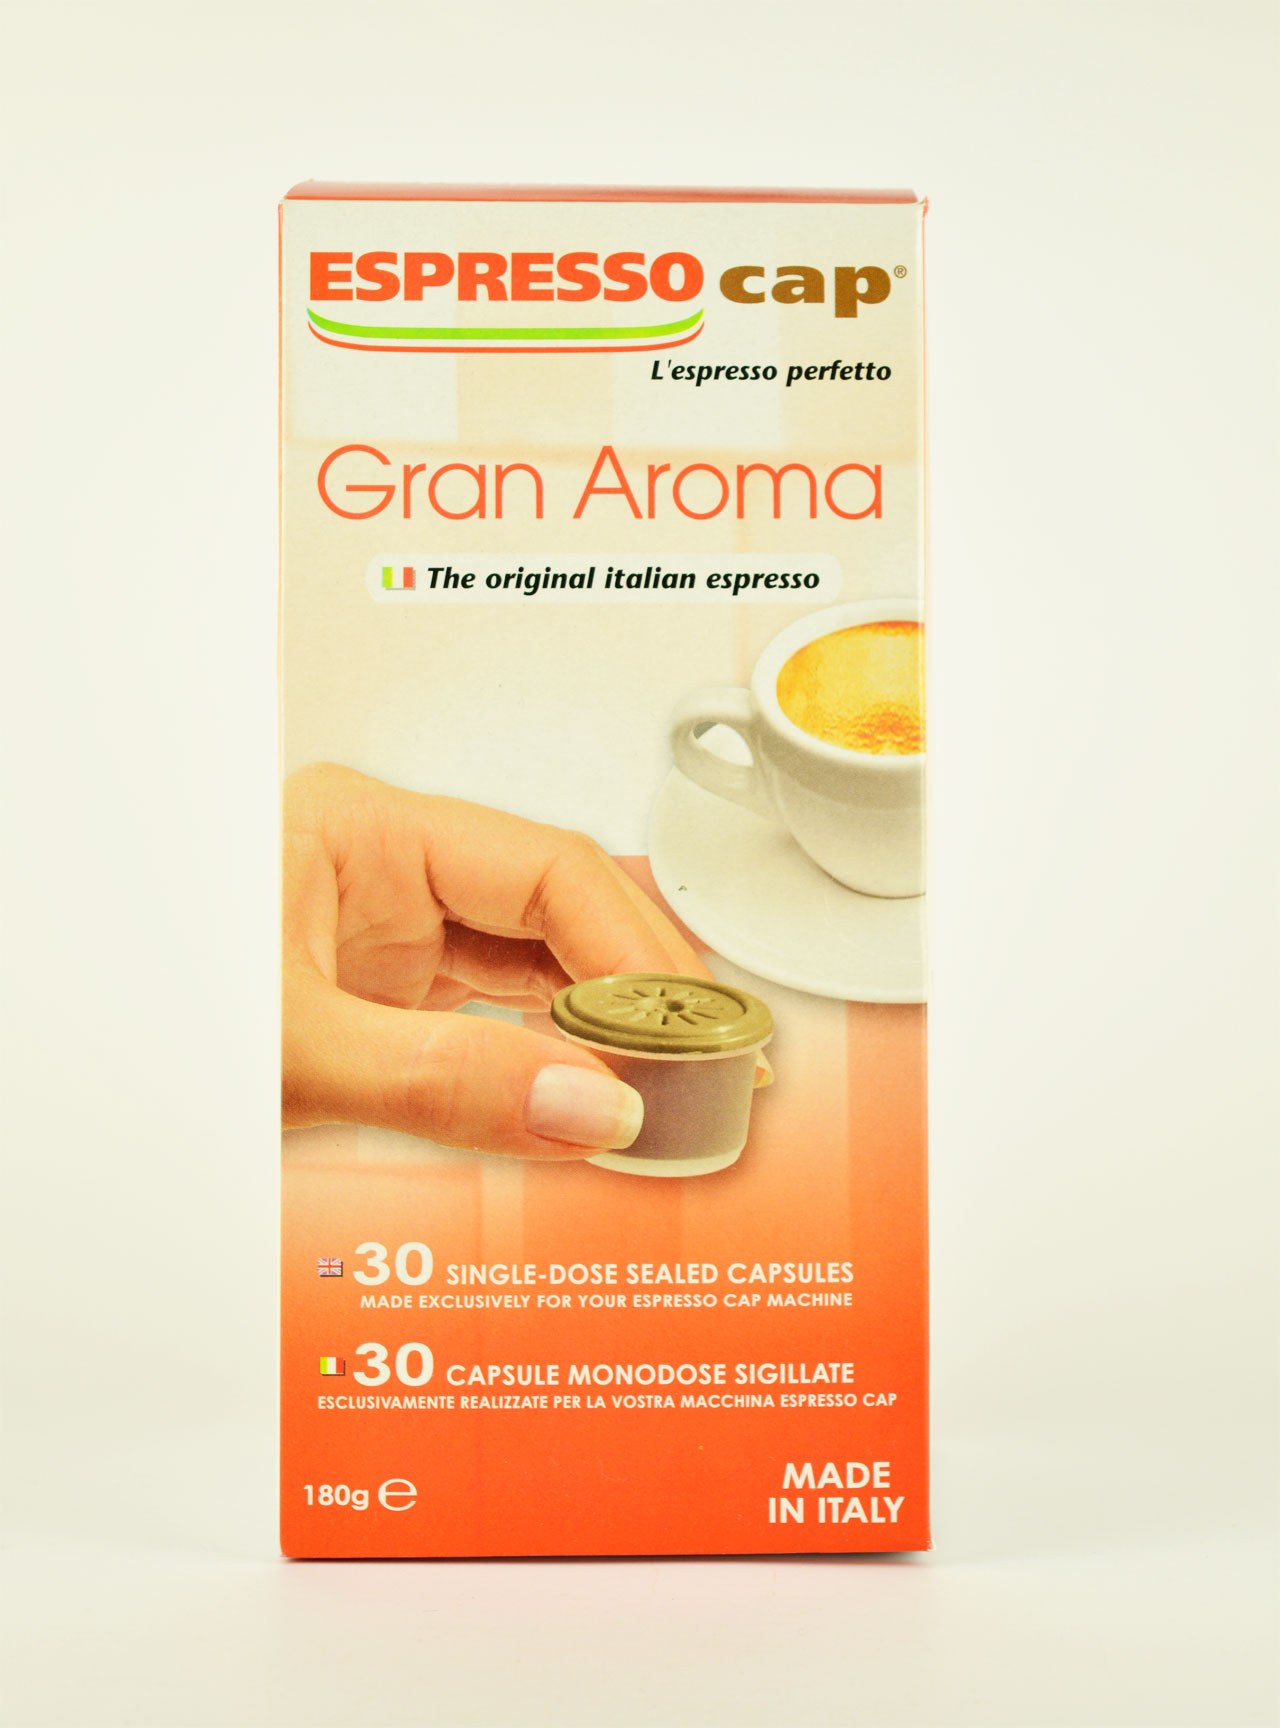 espresso caps gran aroma